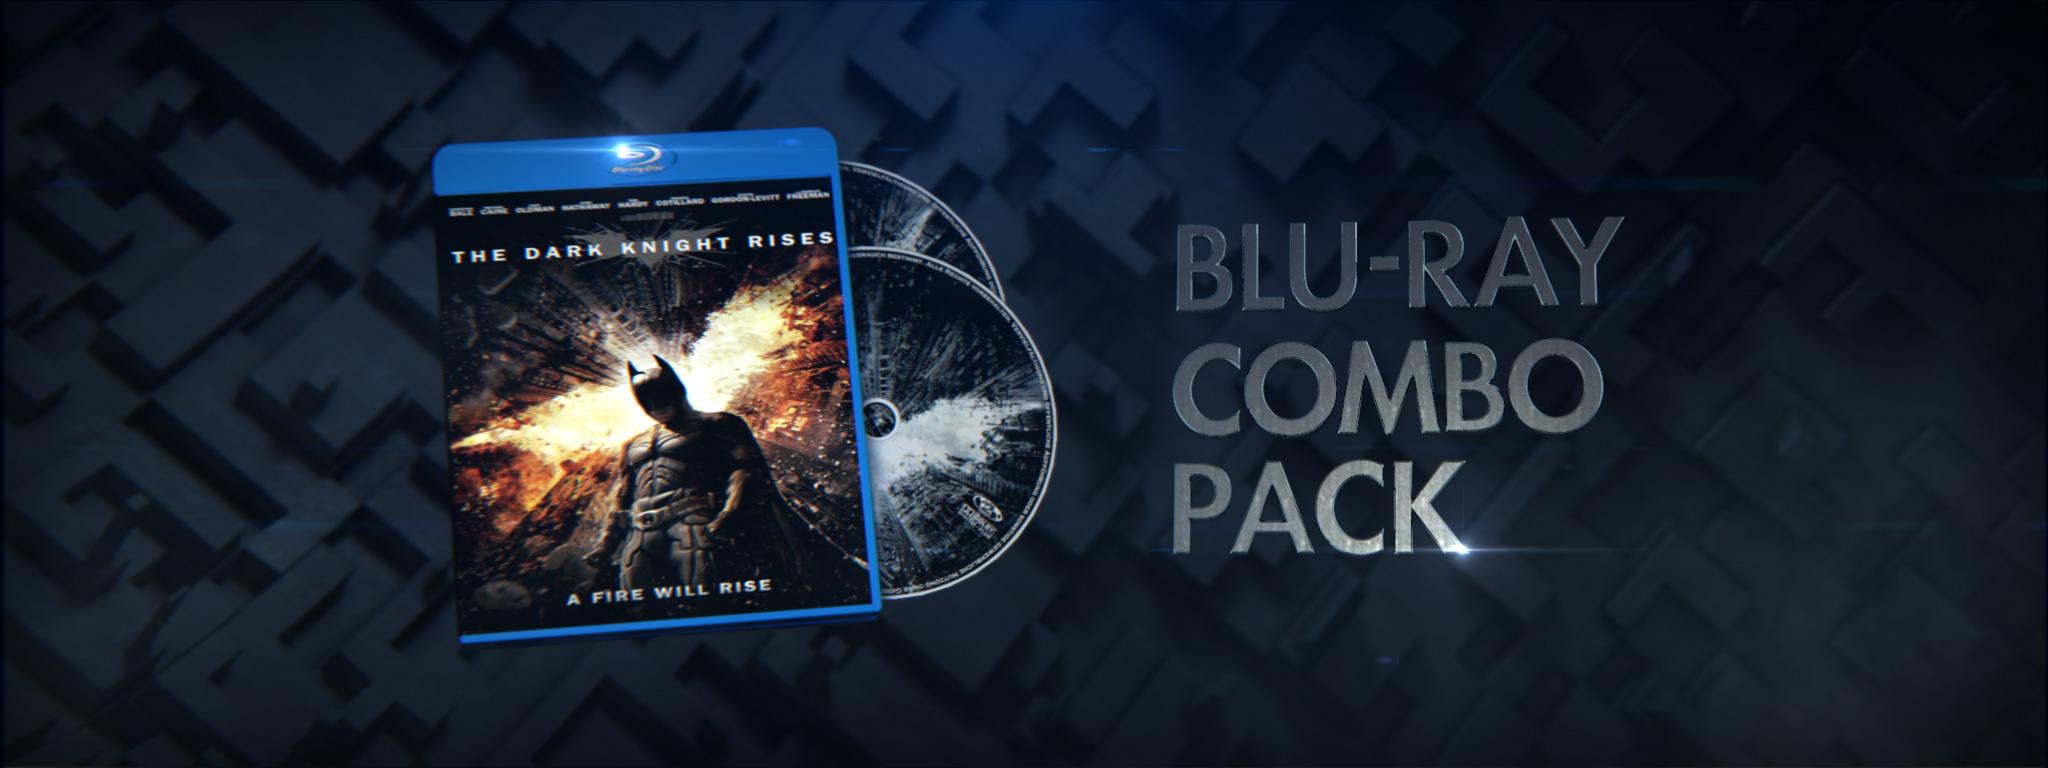 Blu-Ray Combo Promo